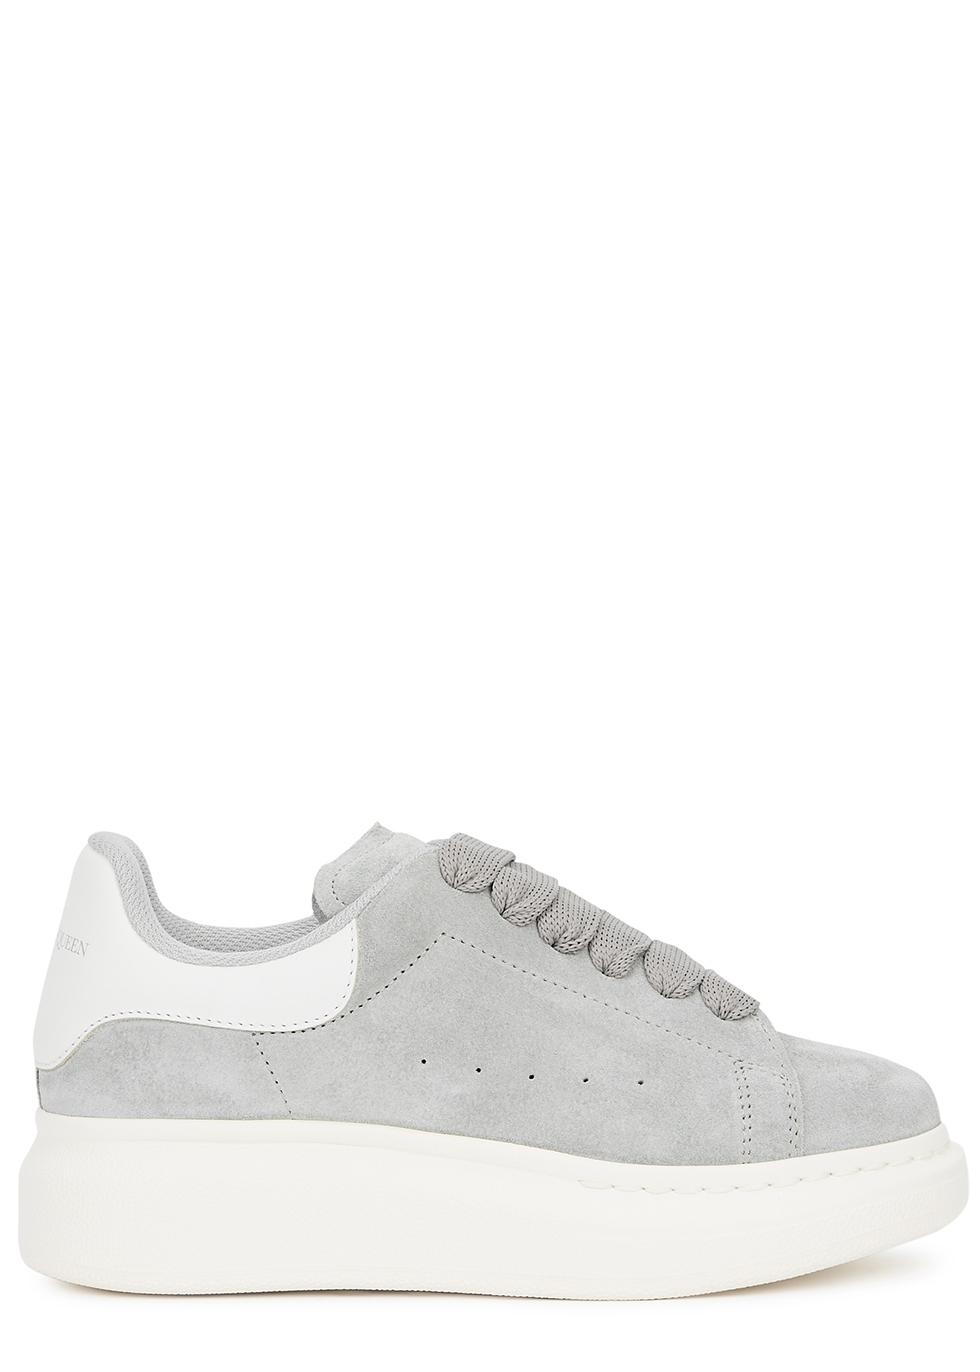 Larry grey suede sneakers